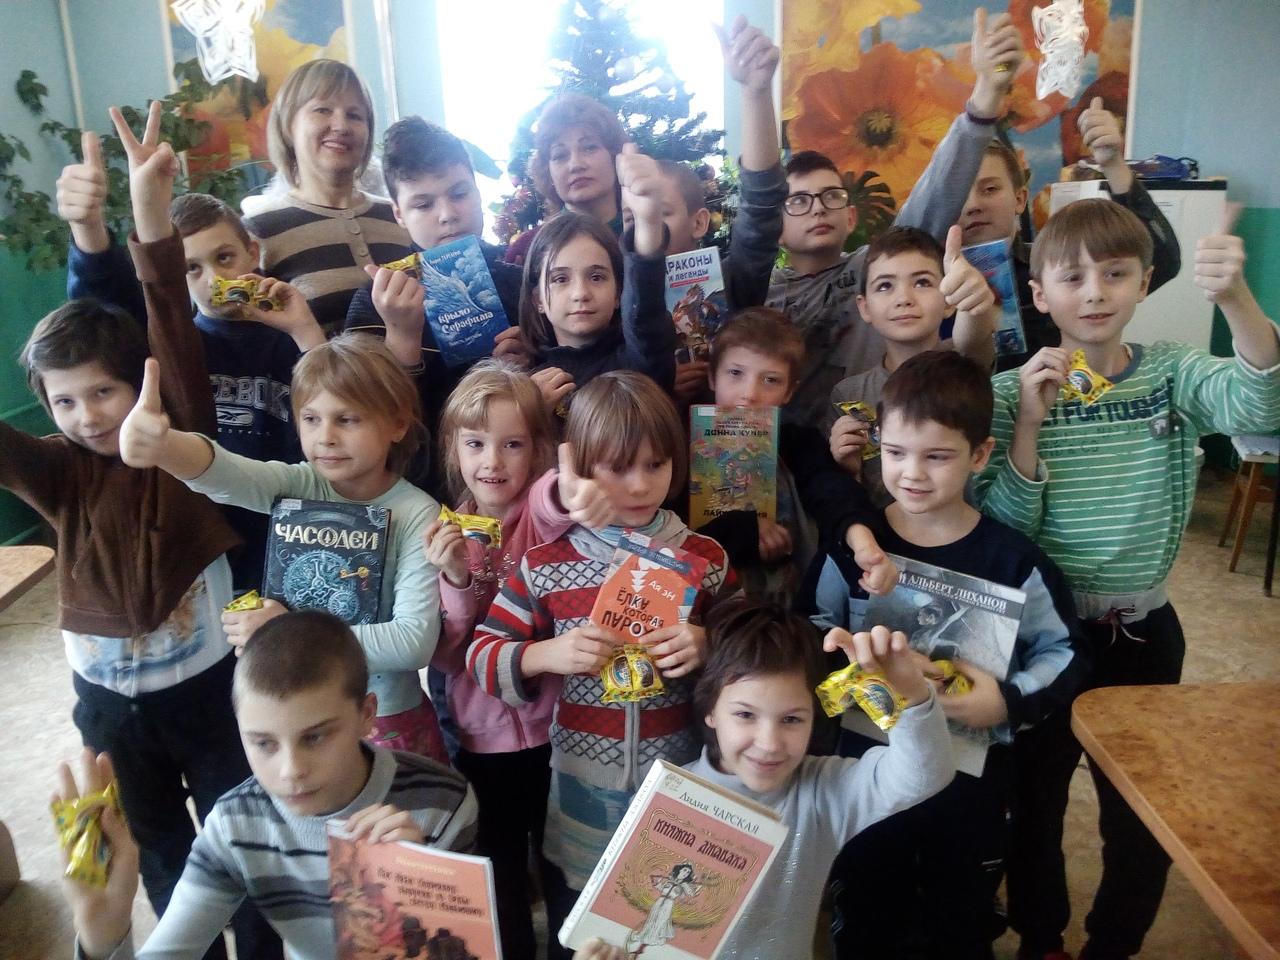 донецкая республиканская библиотека для детей, отдел обслуживания учащихся 5-9 классов, с библиотекой интересно, детям обо всем на свете